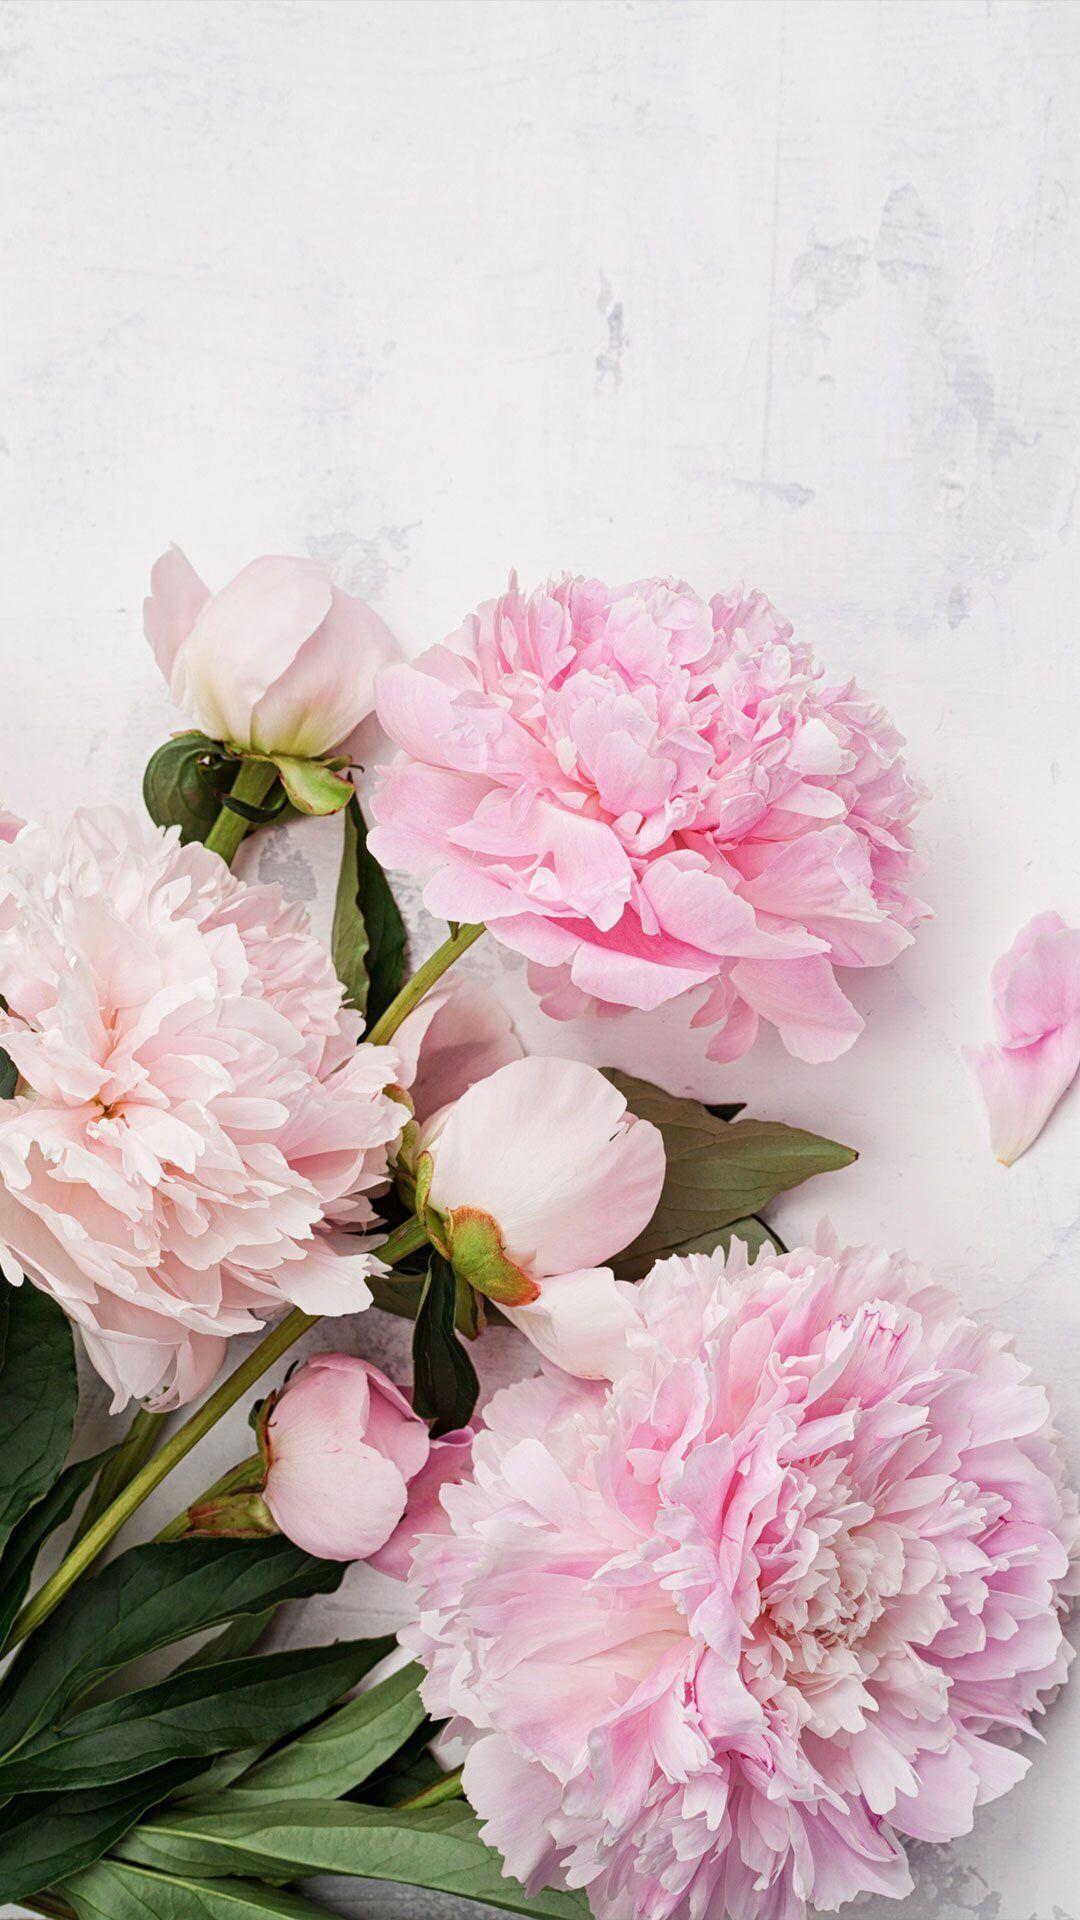 Rózsaszín pünkösdi rózsa 💙 Bazsarózsa, Virágos